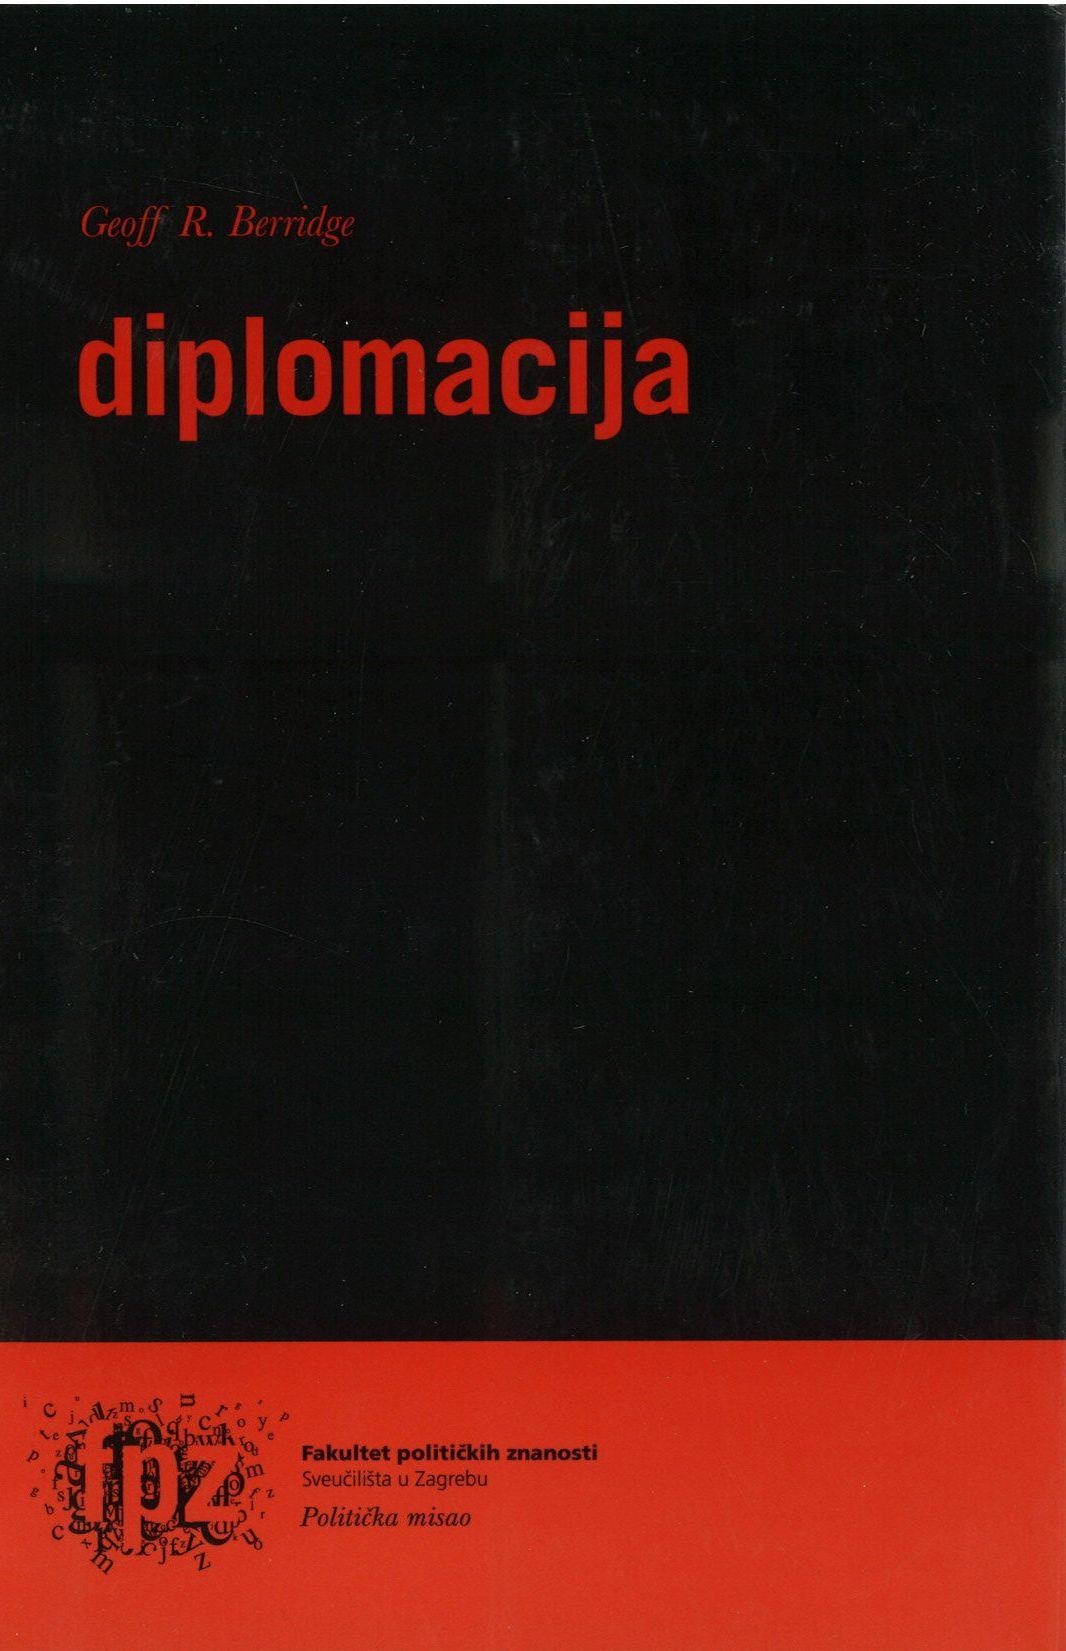 DIPLOMACIJA - Naruči svoju knjigu